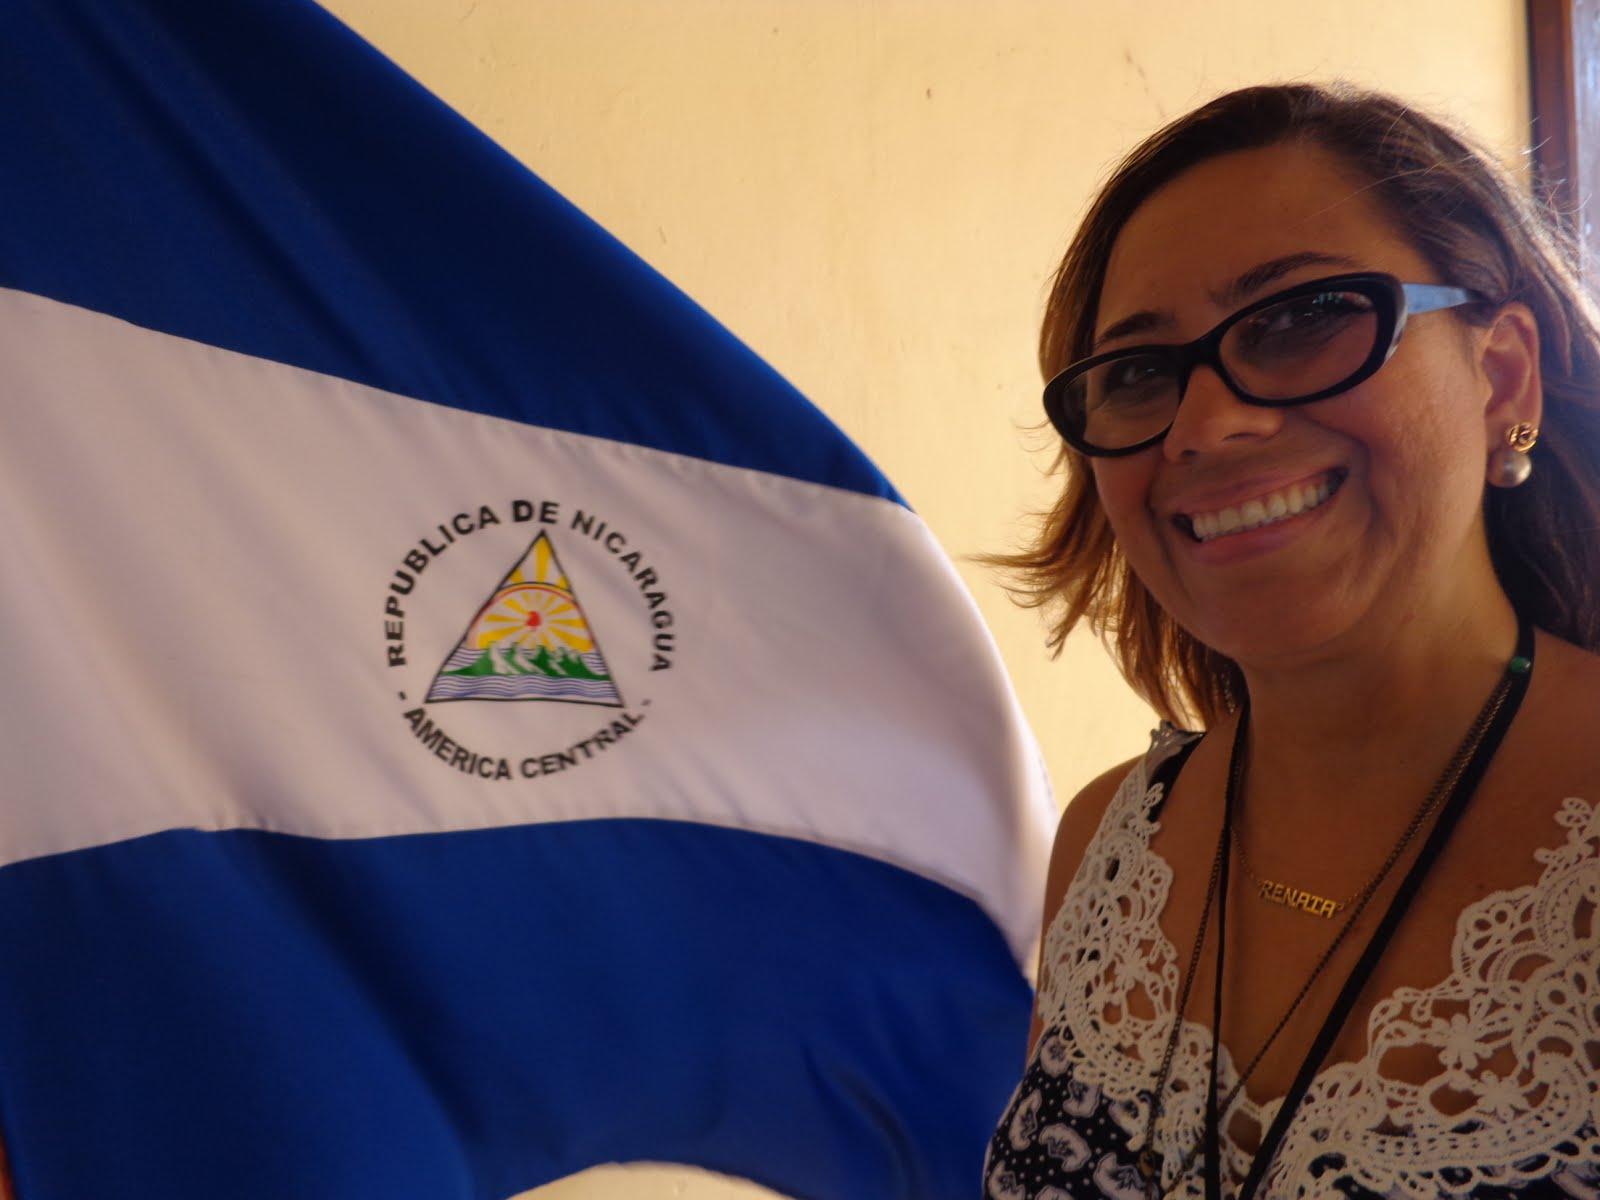 Minha solidariedade ao povo nicaraguense!